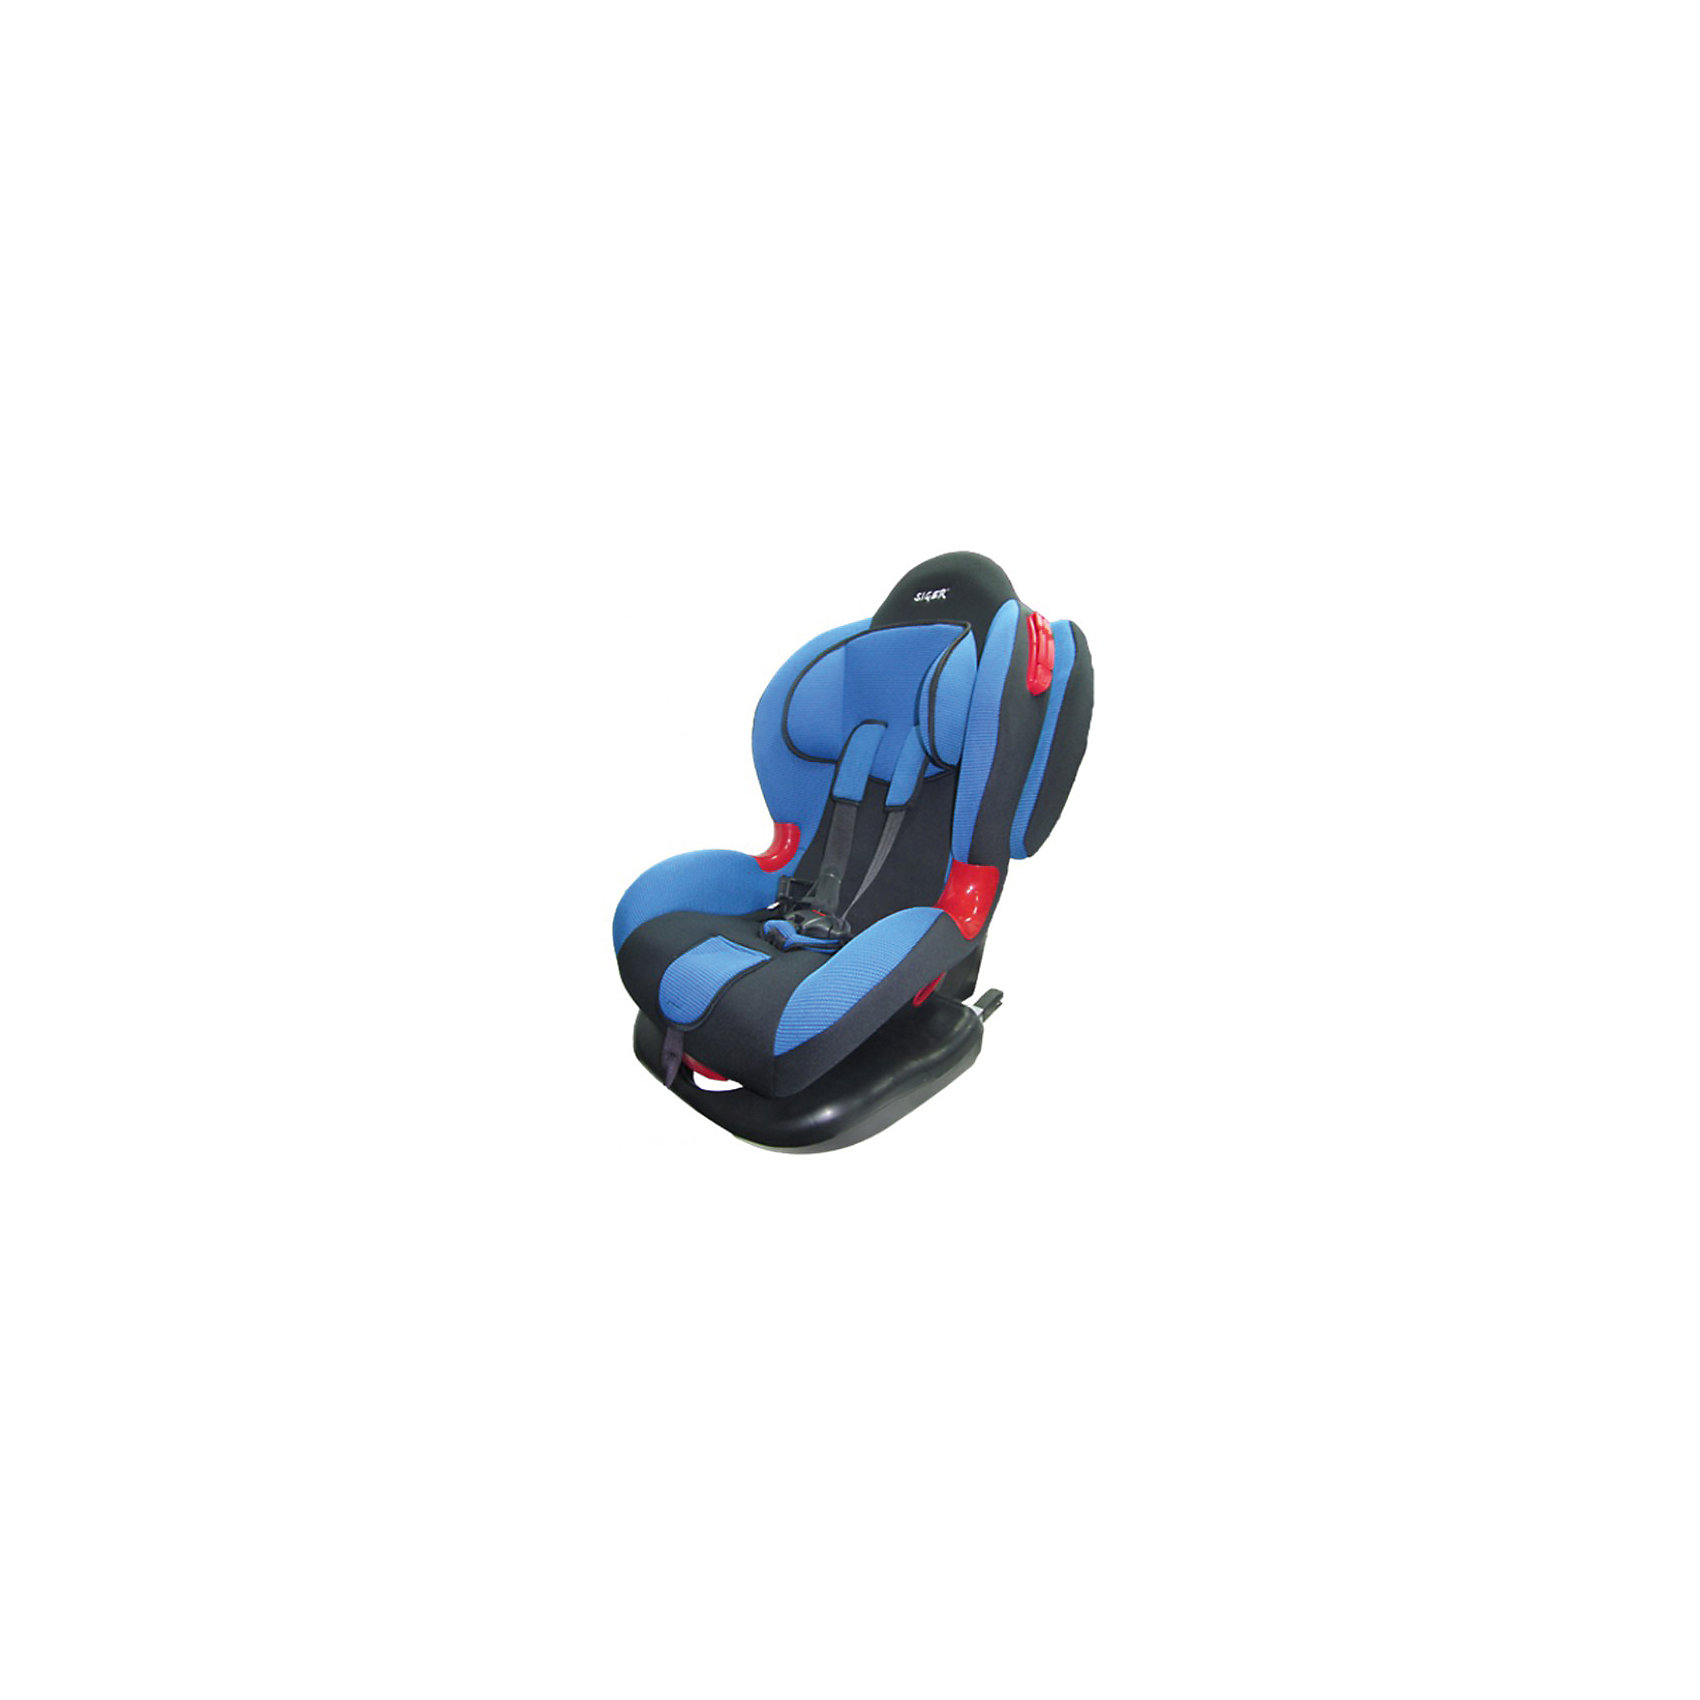 Siger Автокресло Кокон-Isofix, 9-25 кг., SIGER, синий фонарь maglite 2d синий 25 см в картонной коробке 947191